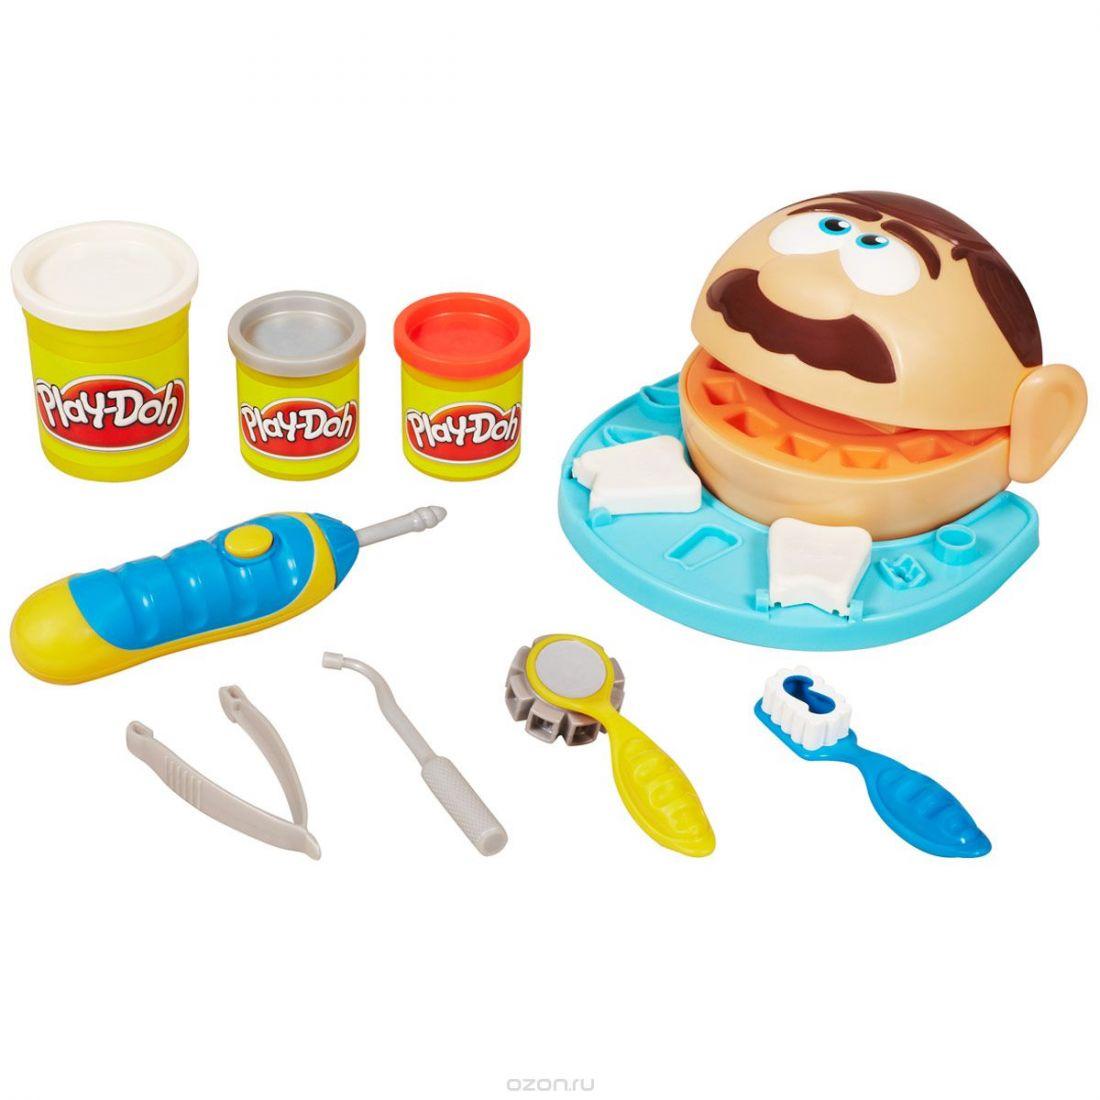 Набор для лепки из пластилина Play-Doh  Мистер Зубастик